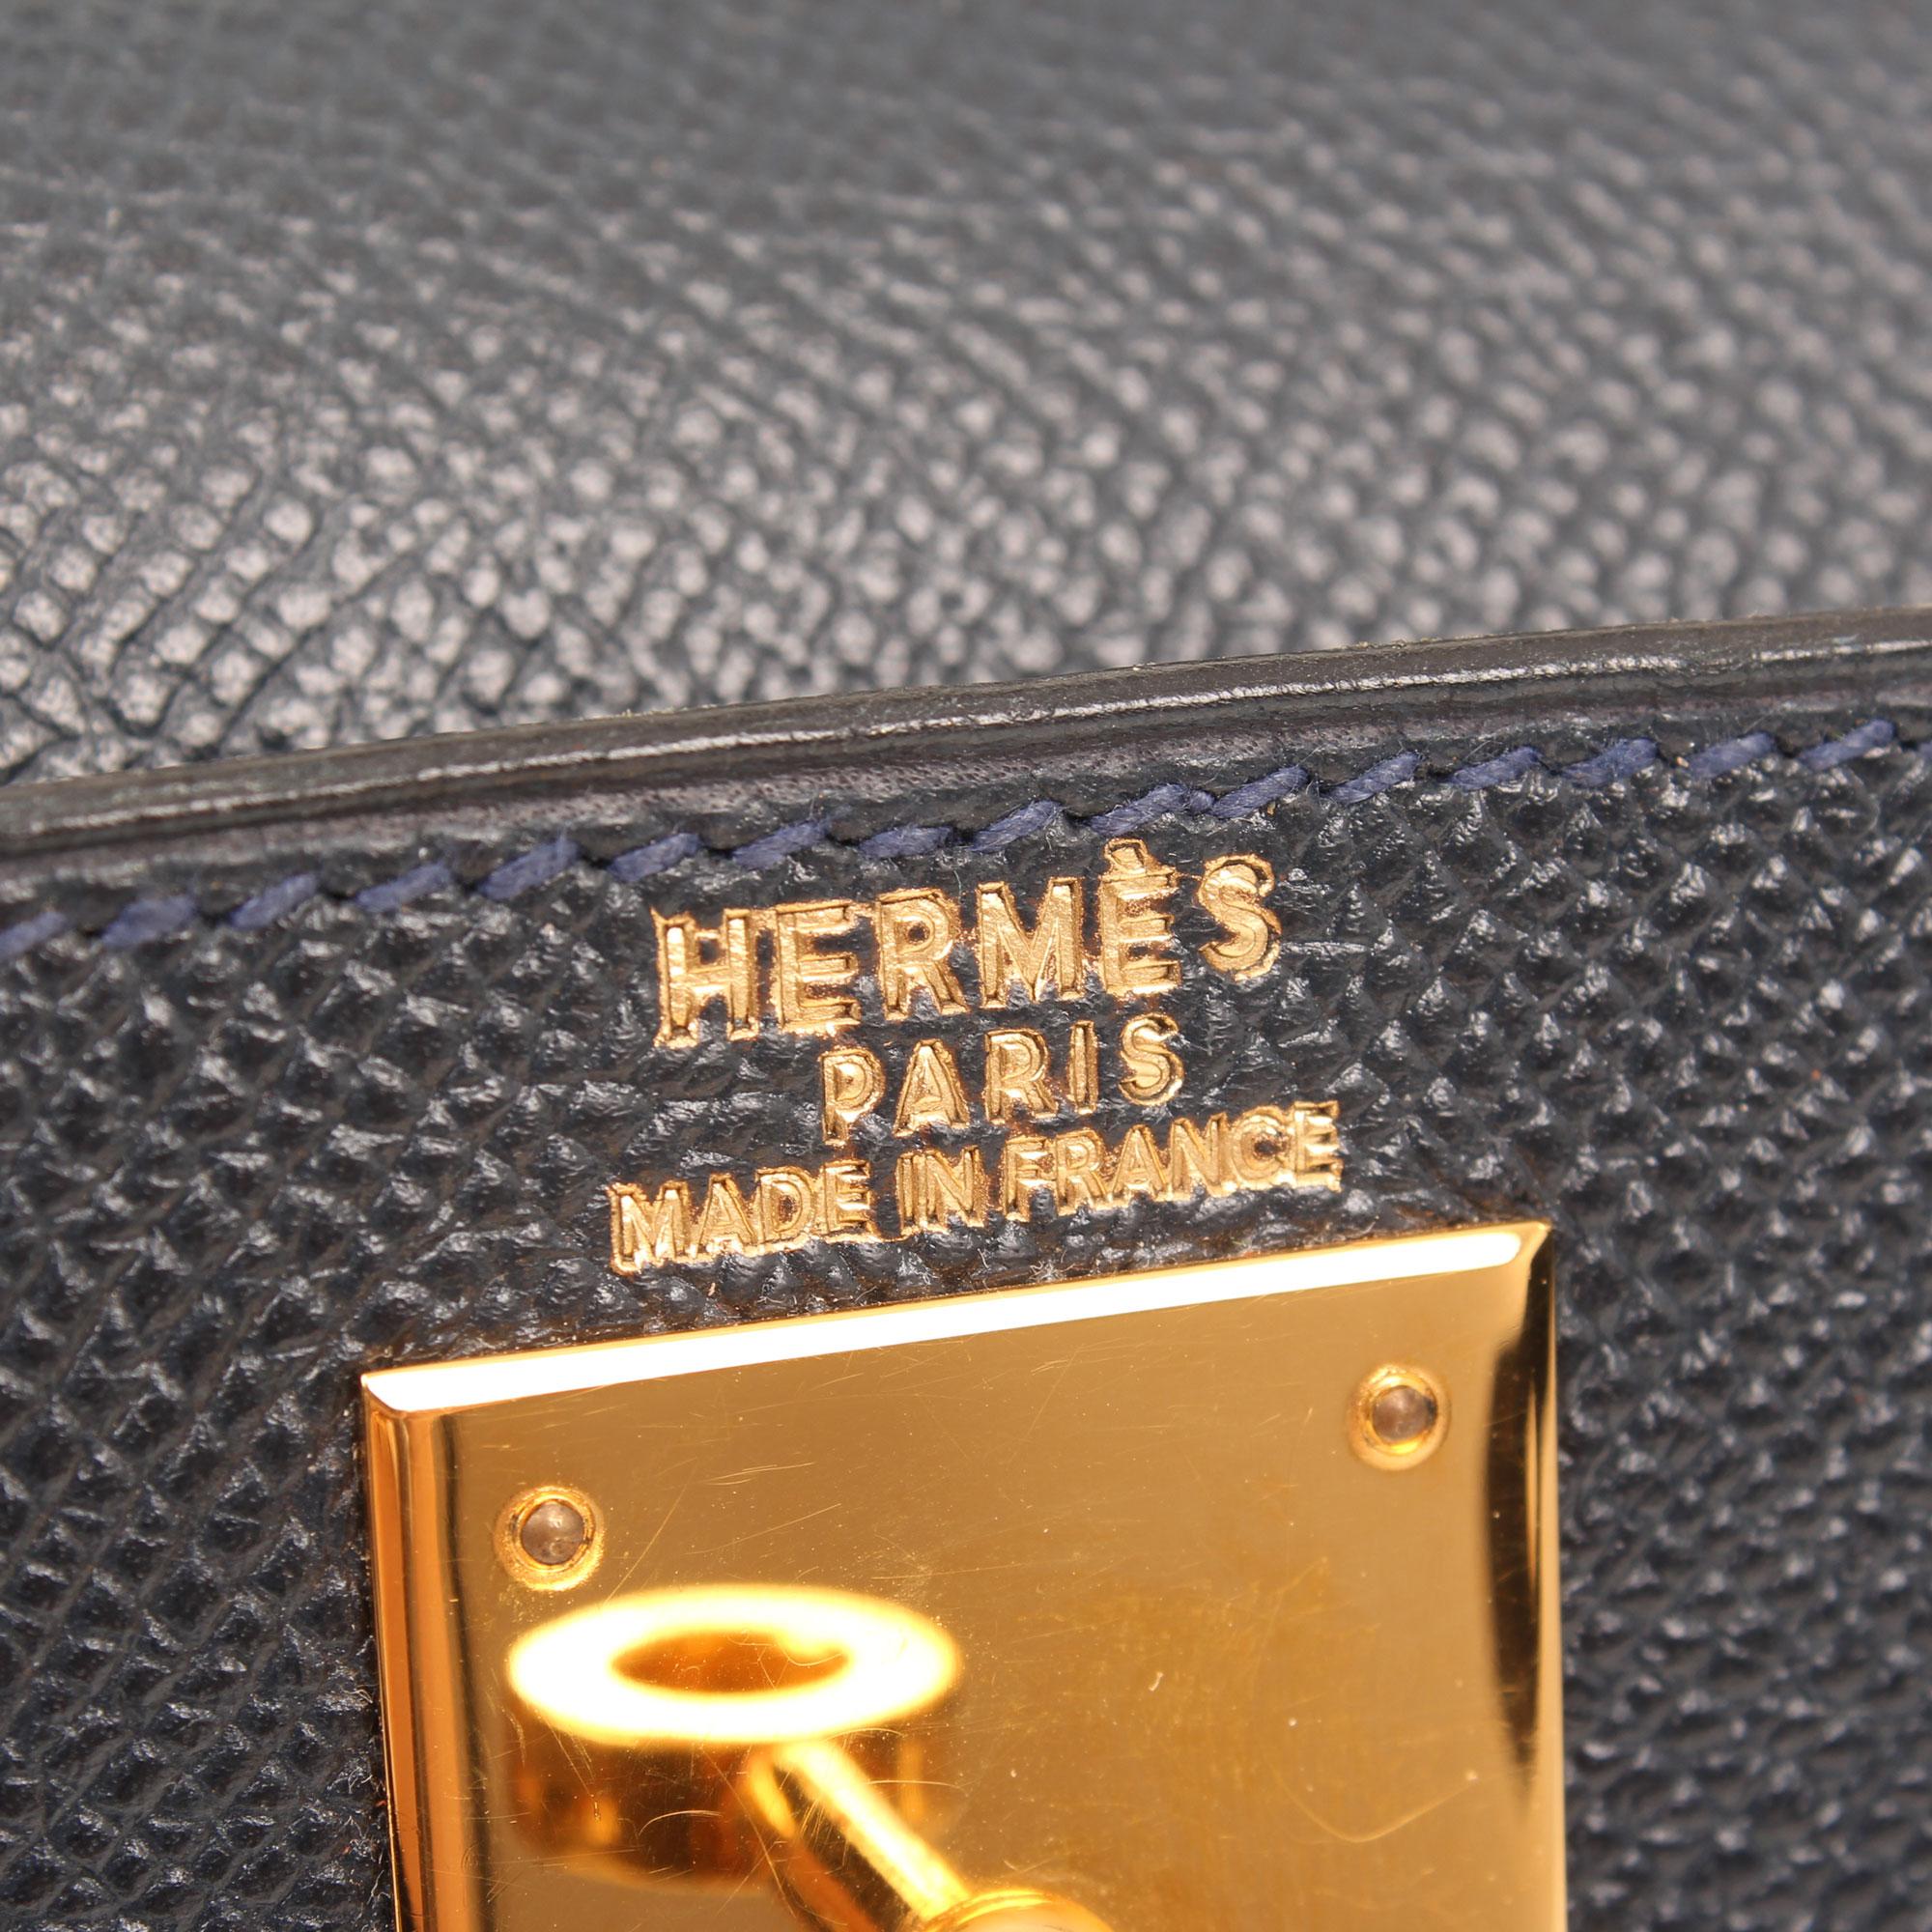 Imagen de la marca del bolso hermes kelly 28 piel epsom azul